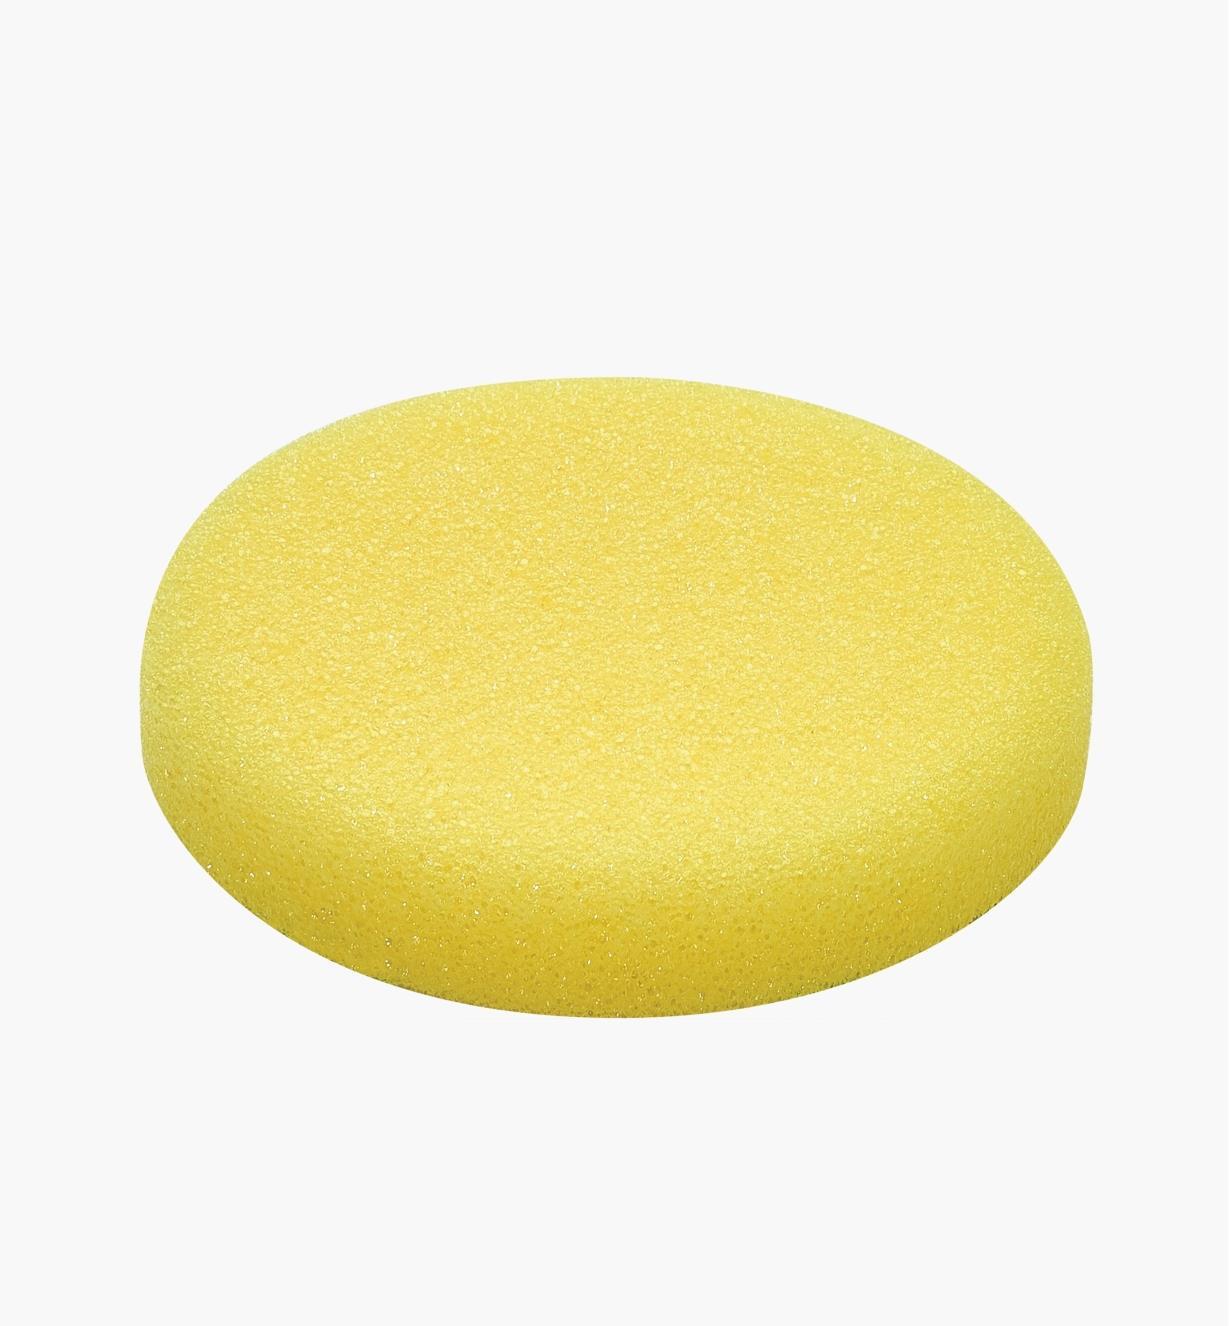 Éponge de polissage jaune de 80 mm